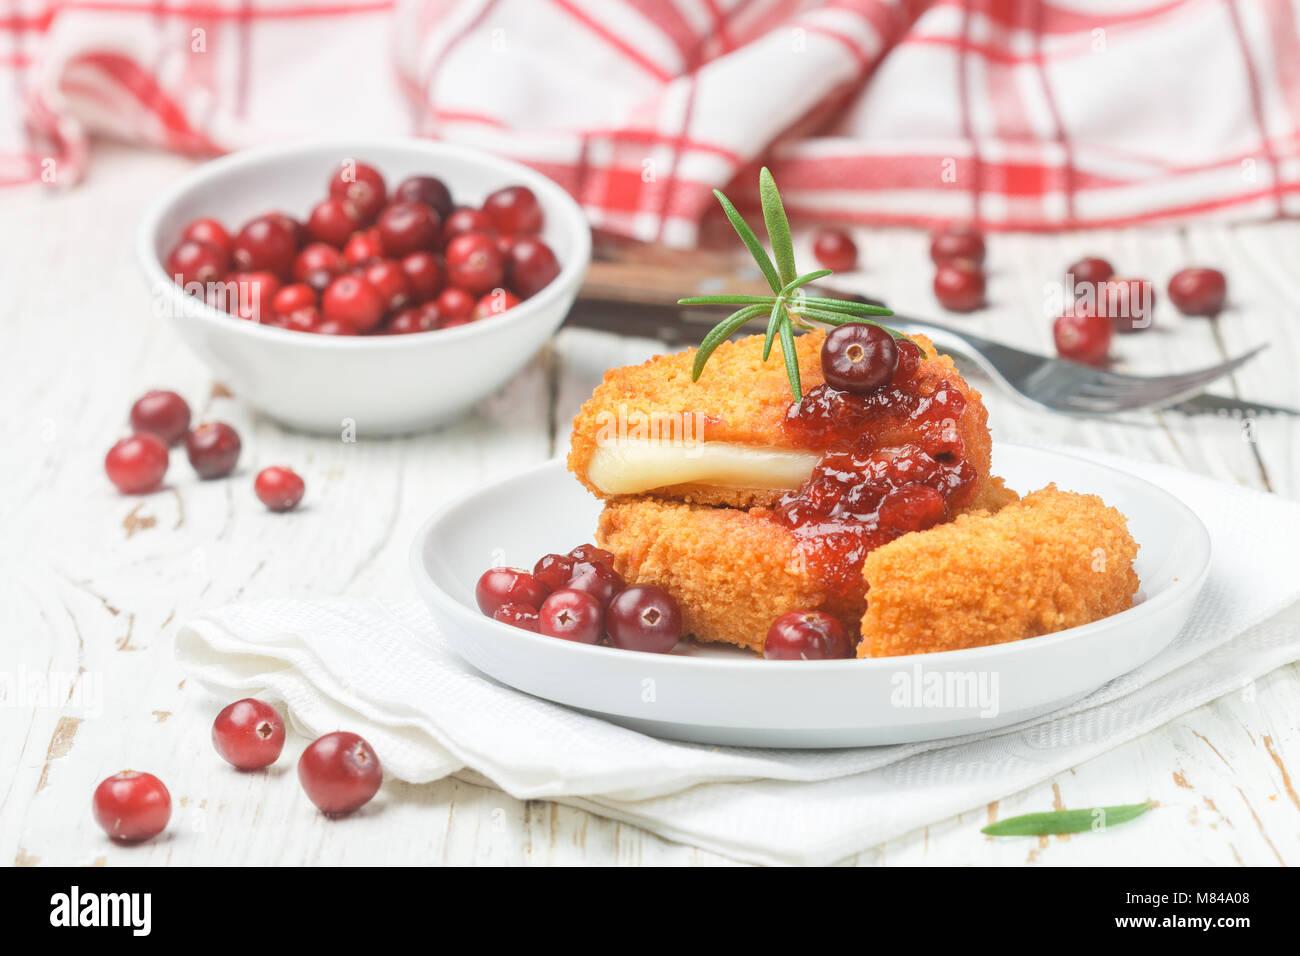 Camembert au four (brie) avec les baies fraîches et sauce aux canneberges au romarin sur une plaque blanche. Photo Stock